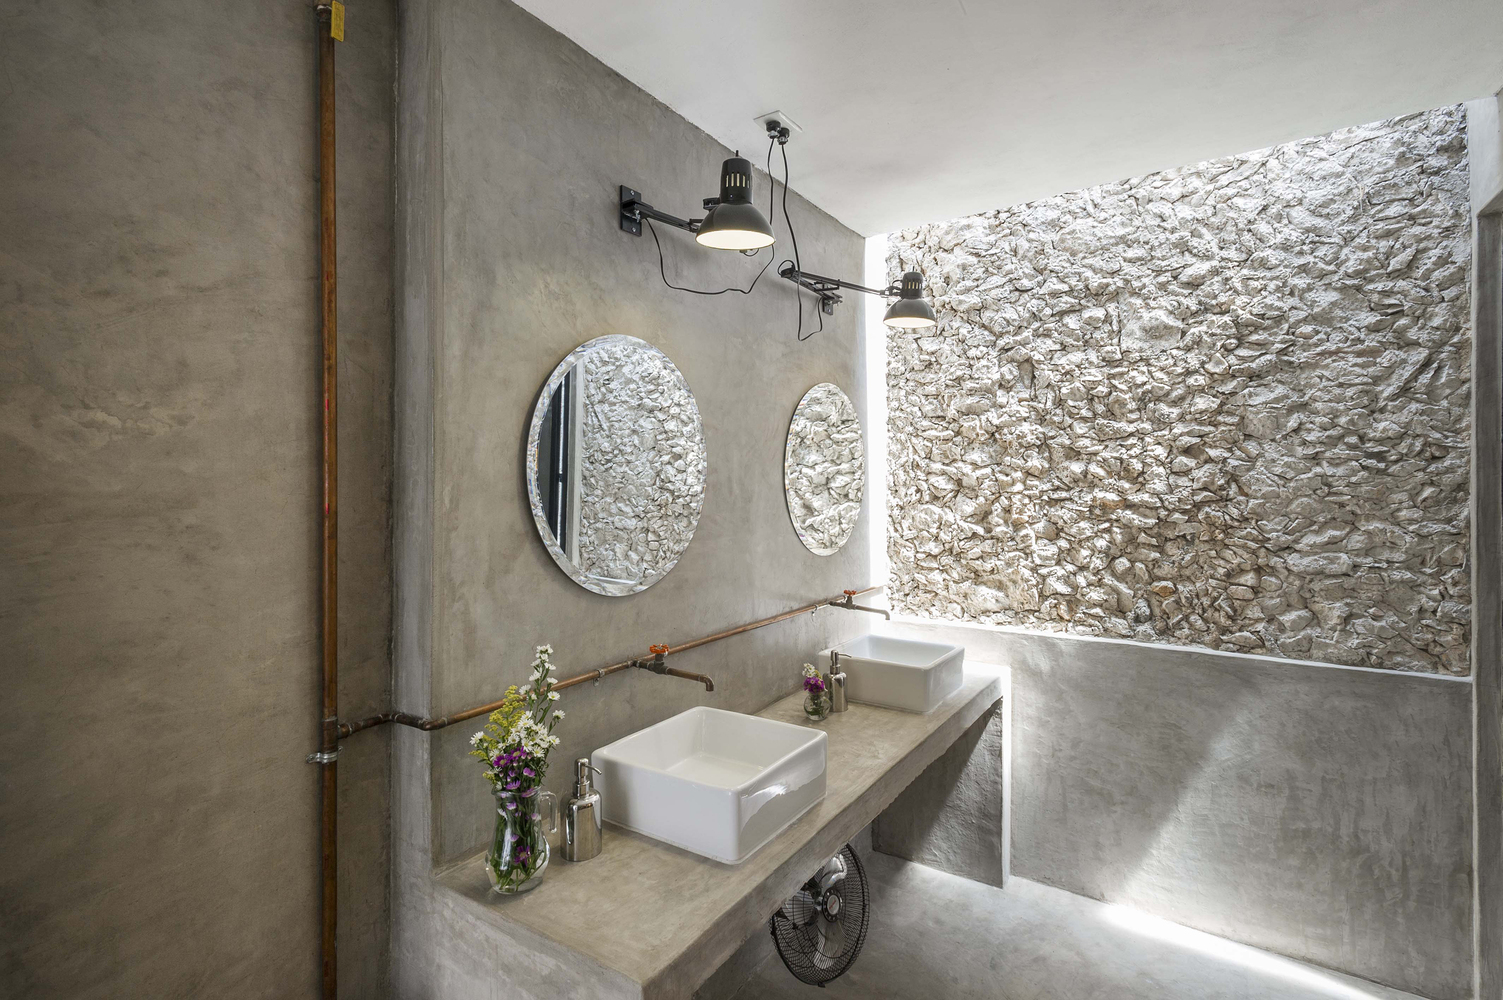 baño reformado casa colonial